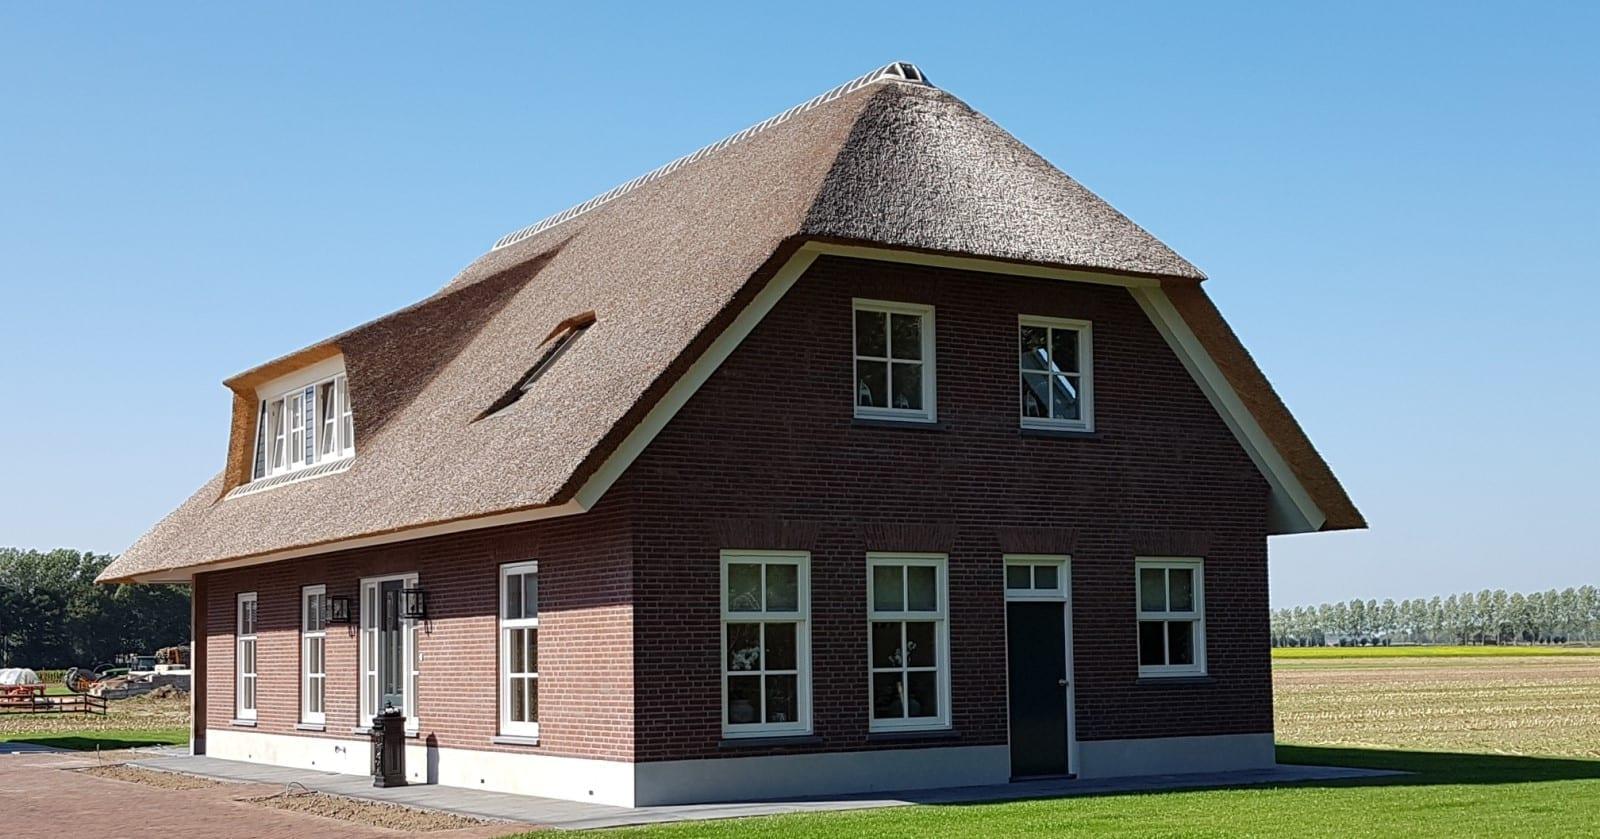 Rietdekken landhuis in Delwijnen - Den Hartog riet